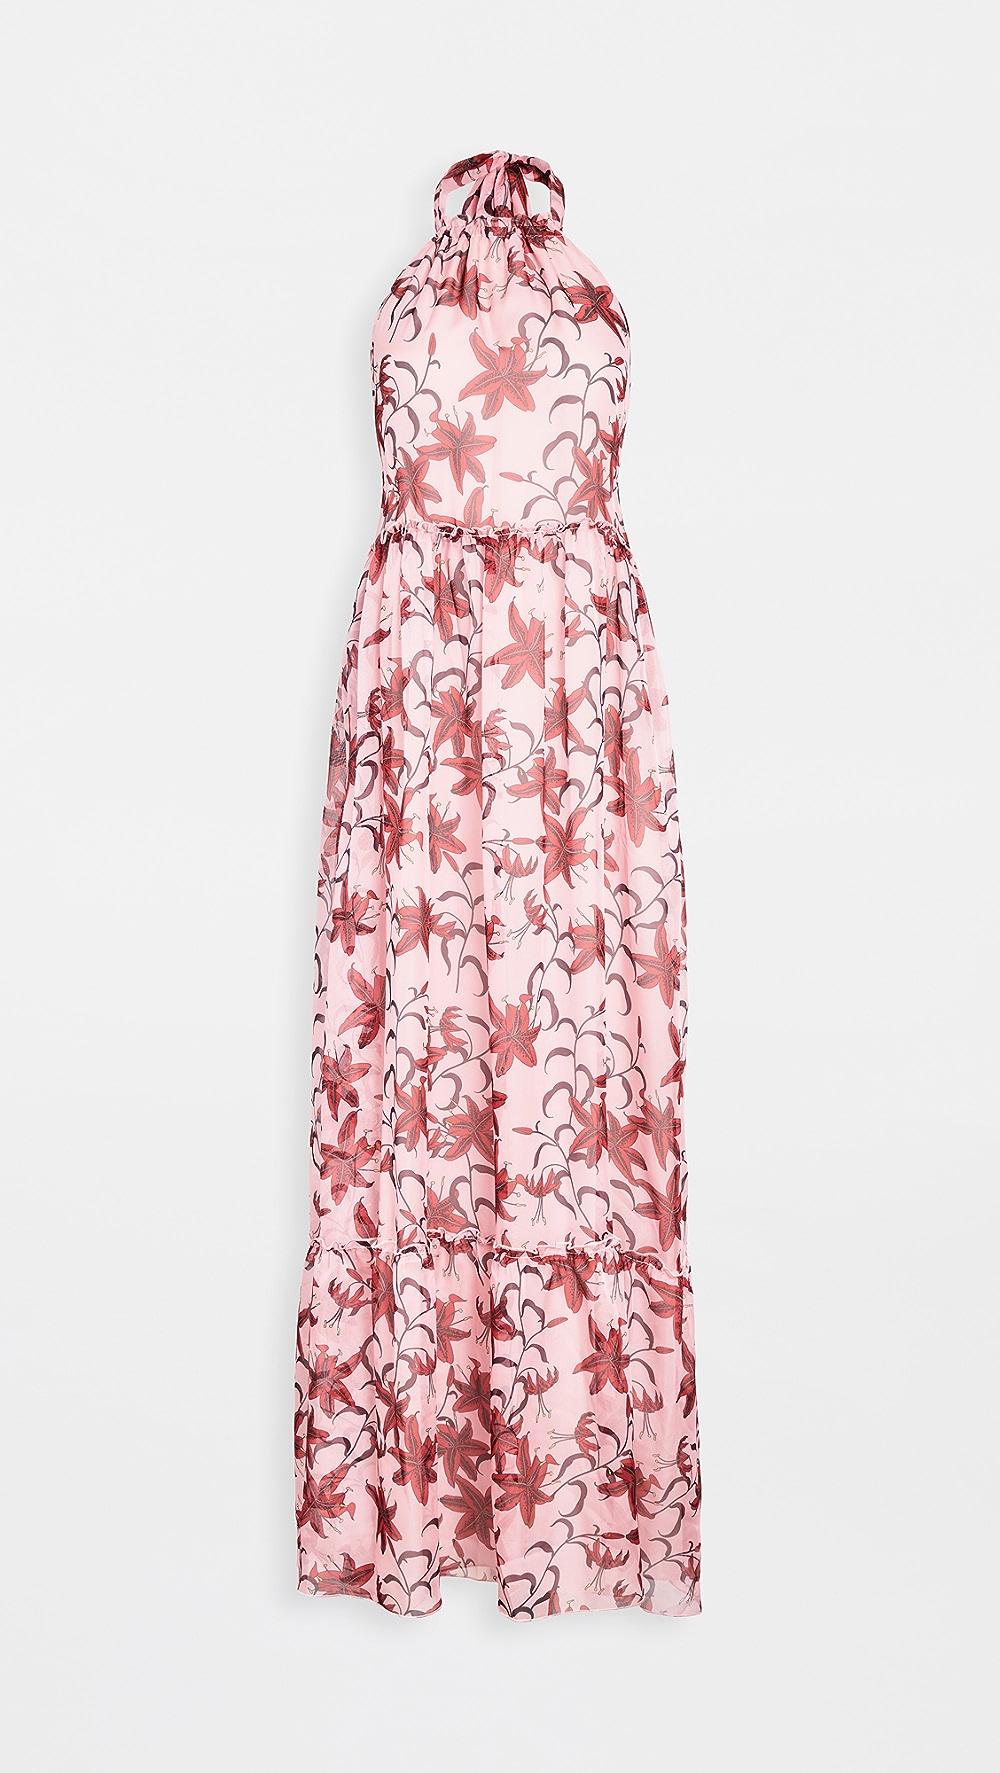 2019 Latest Design Eywasouls Malibu - Ayla Dress Buy Now